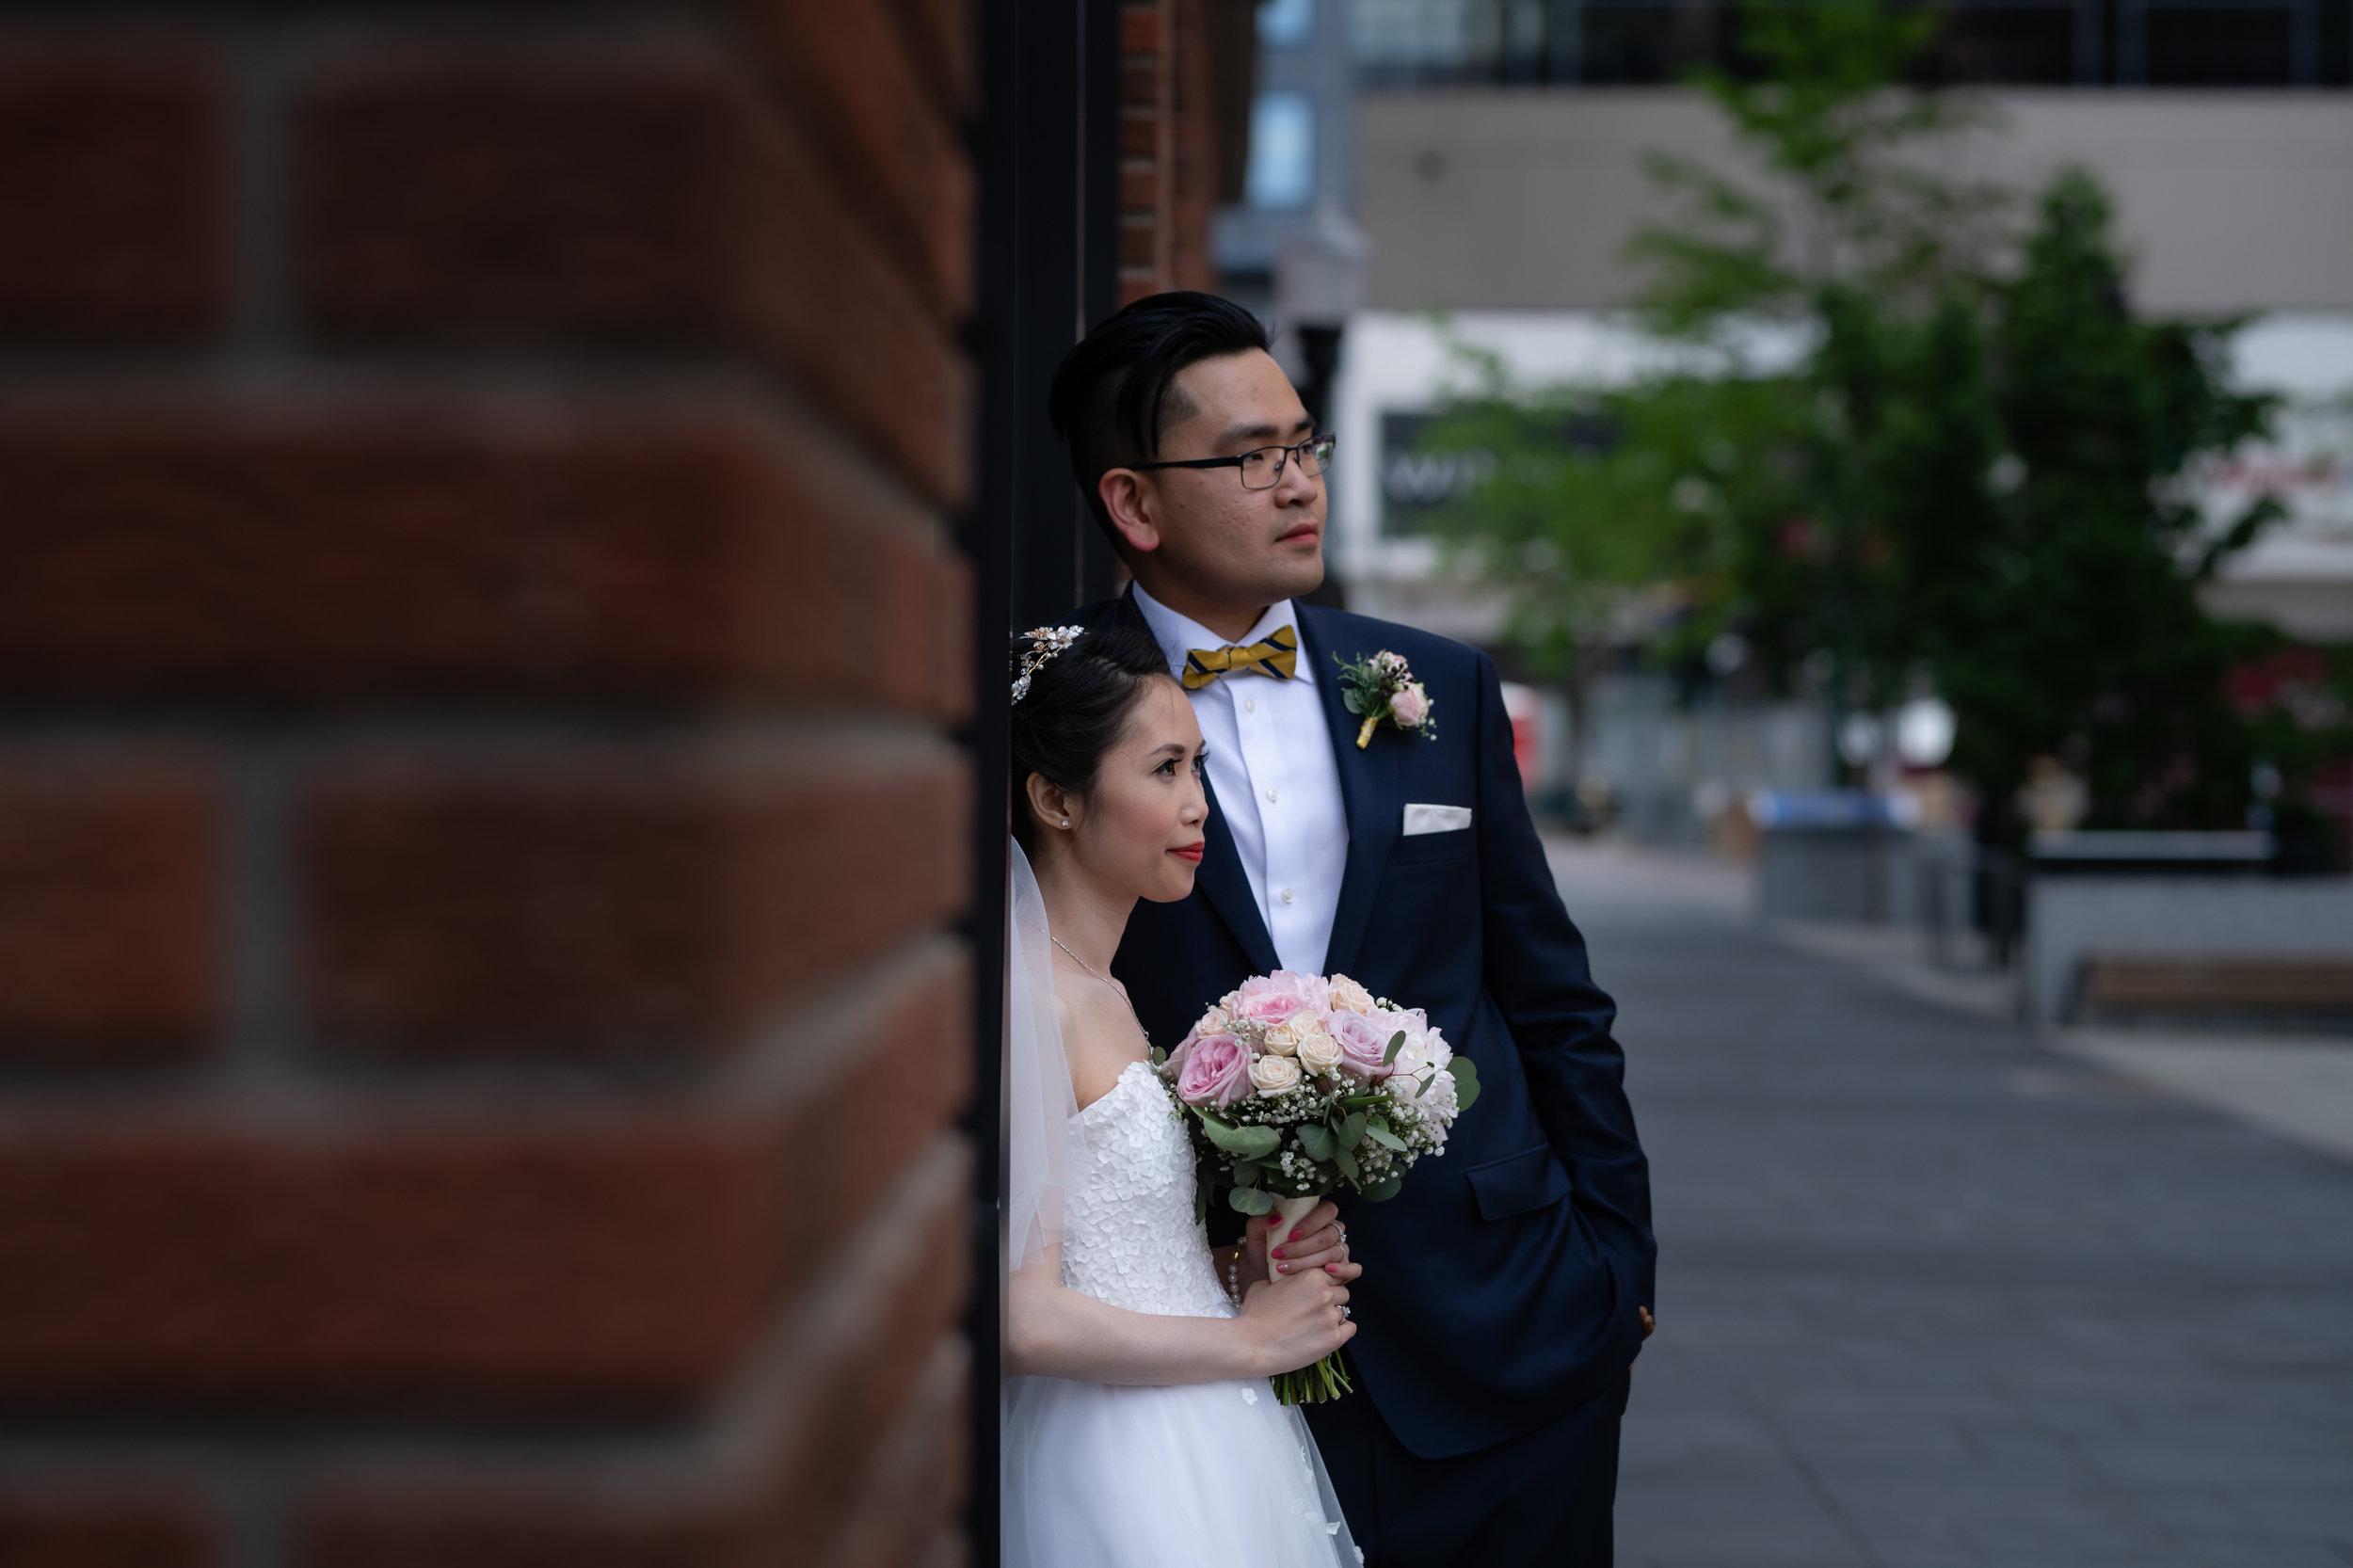 Selina_Chris_Wedding_Sneak_Peek_060.jpg